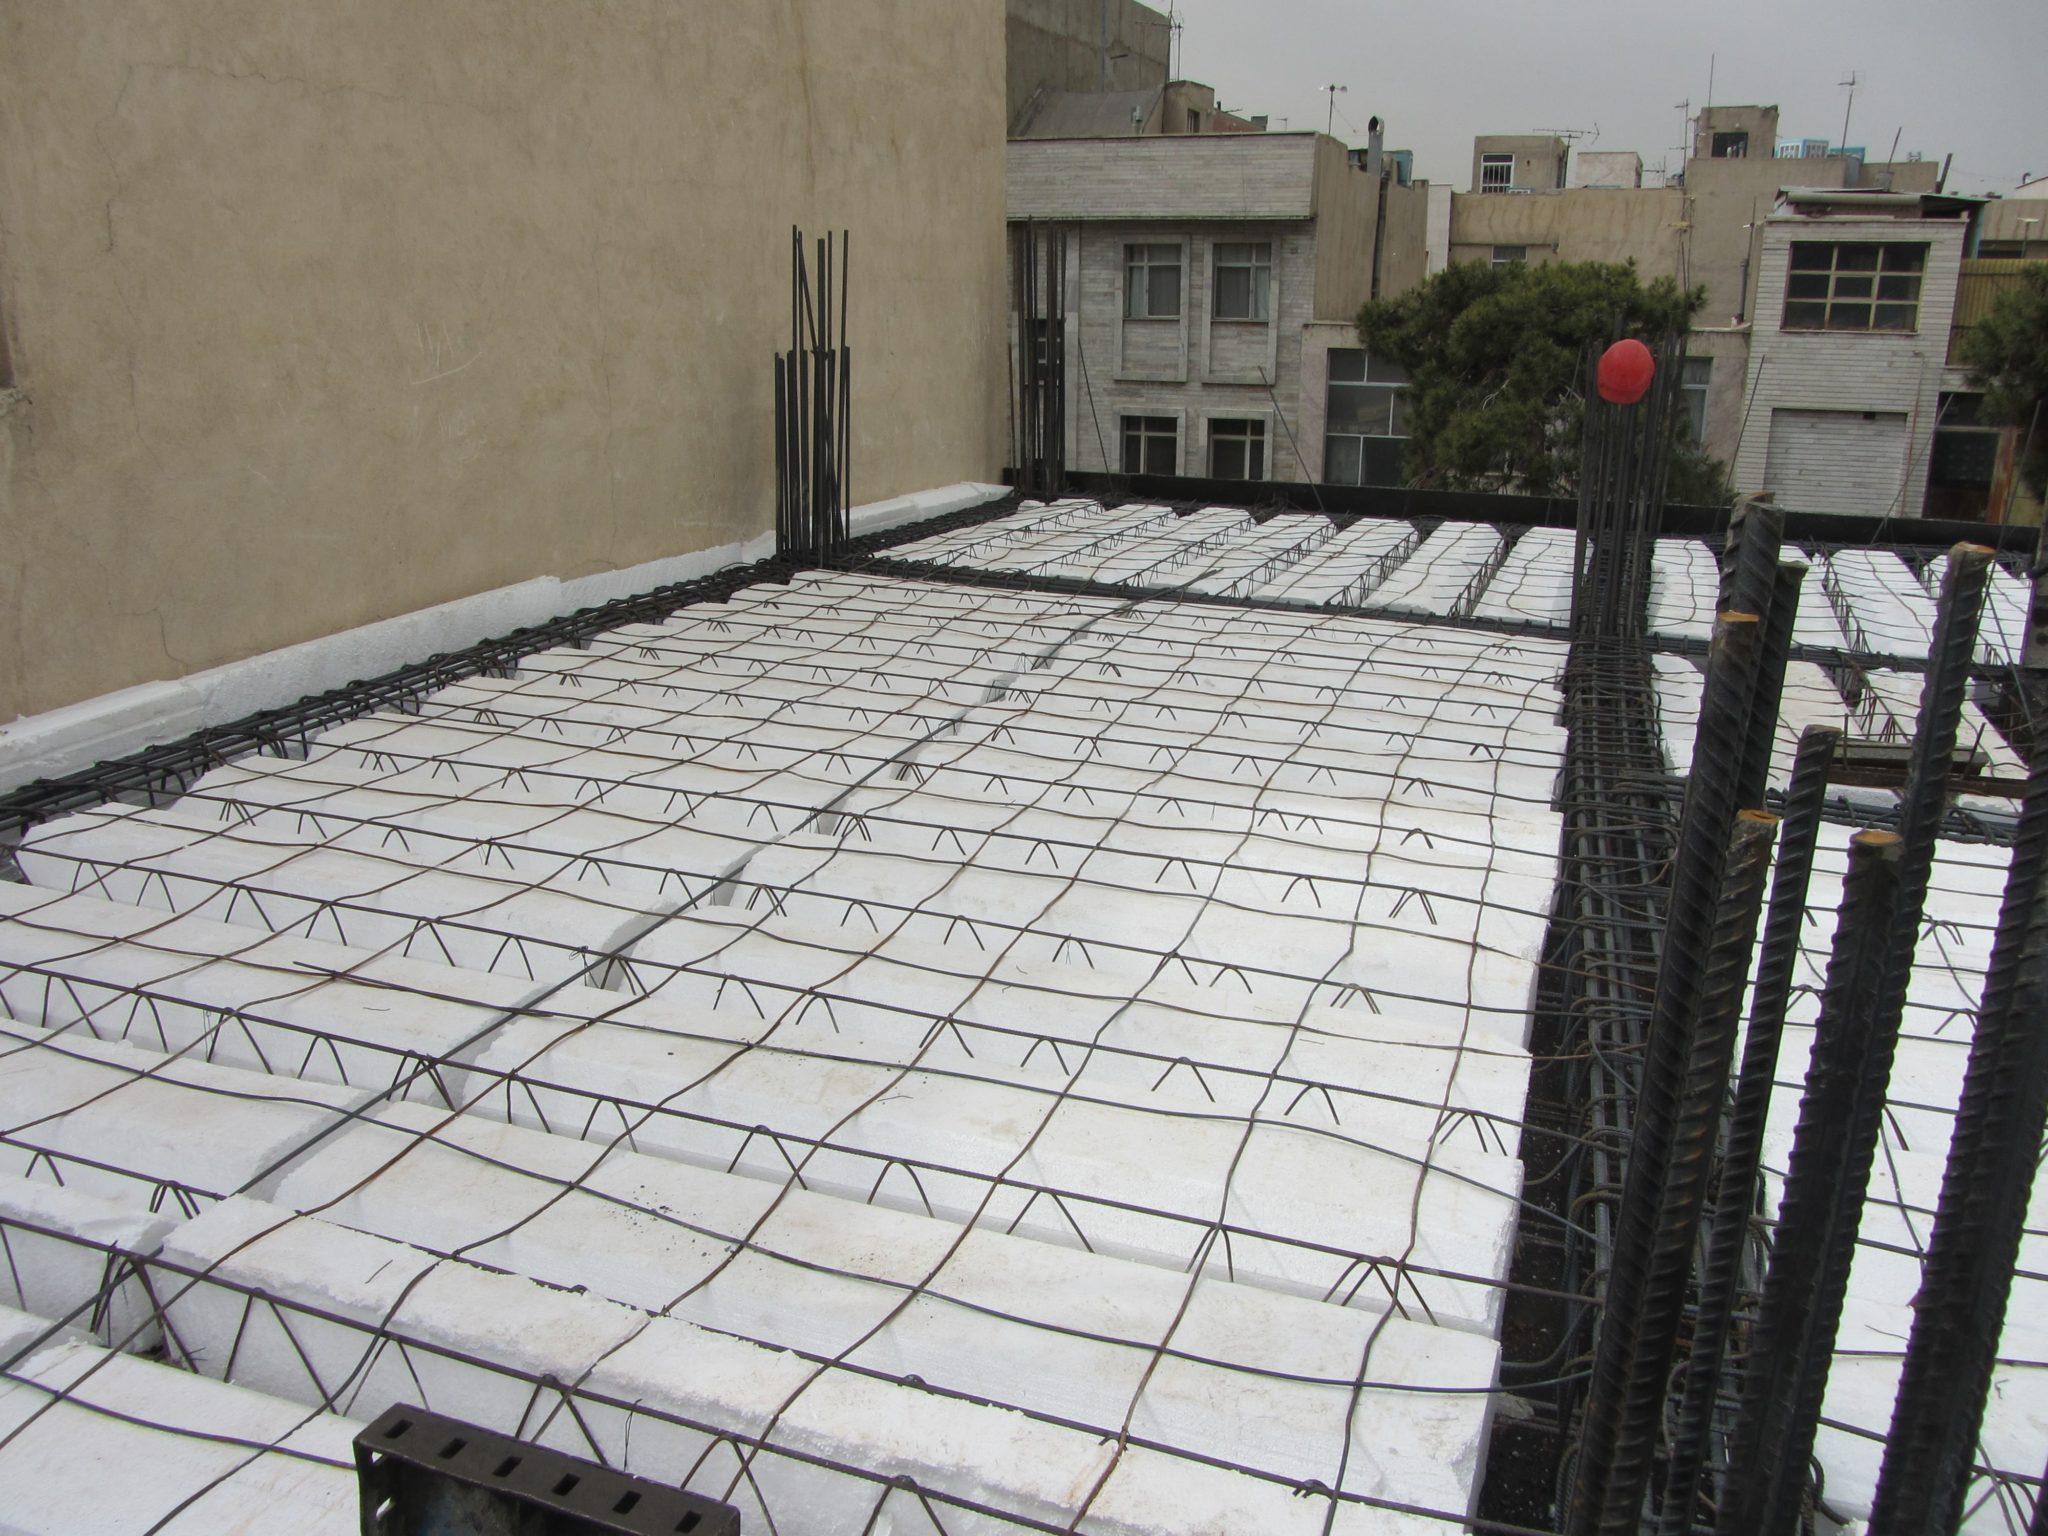 ساختار در سقف تیرچه یونولیت ostovarsazan.com